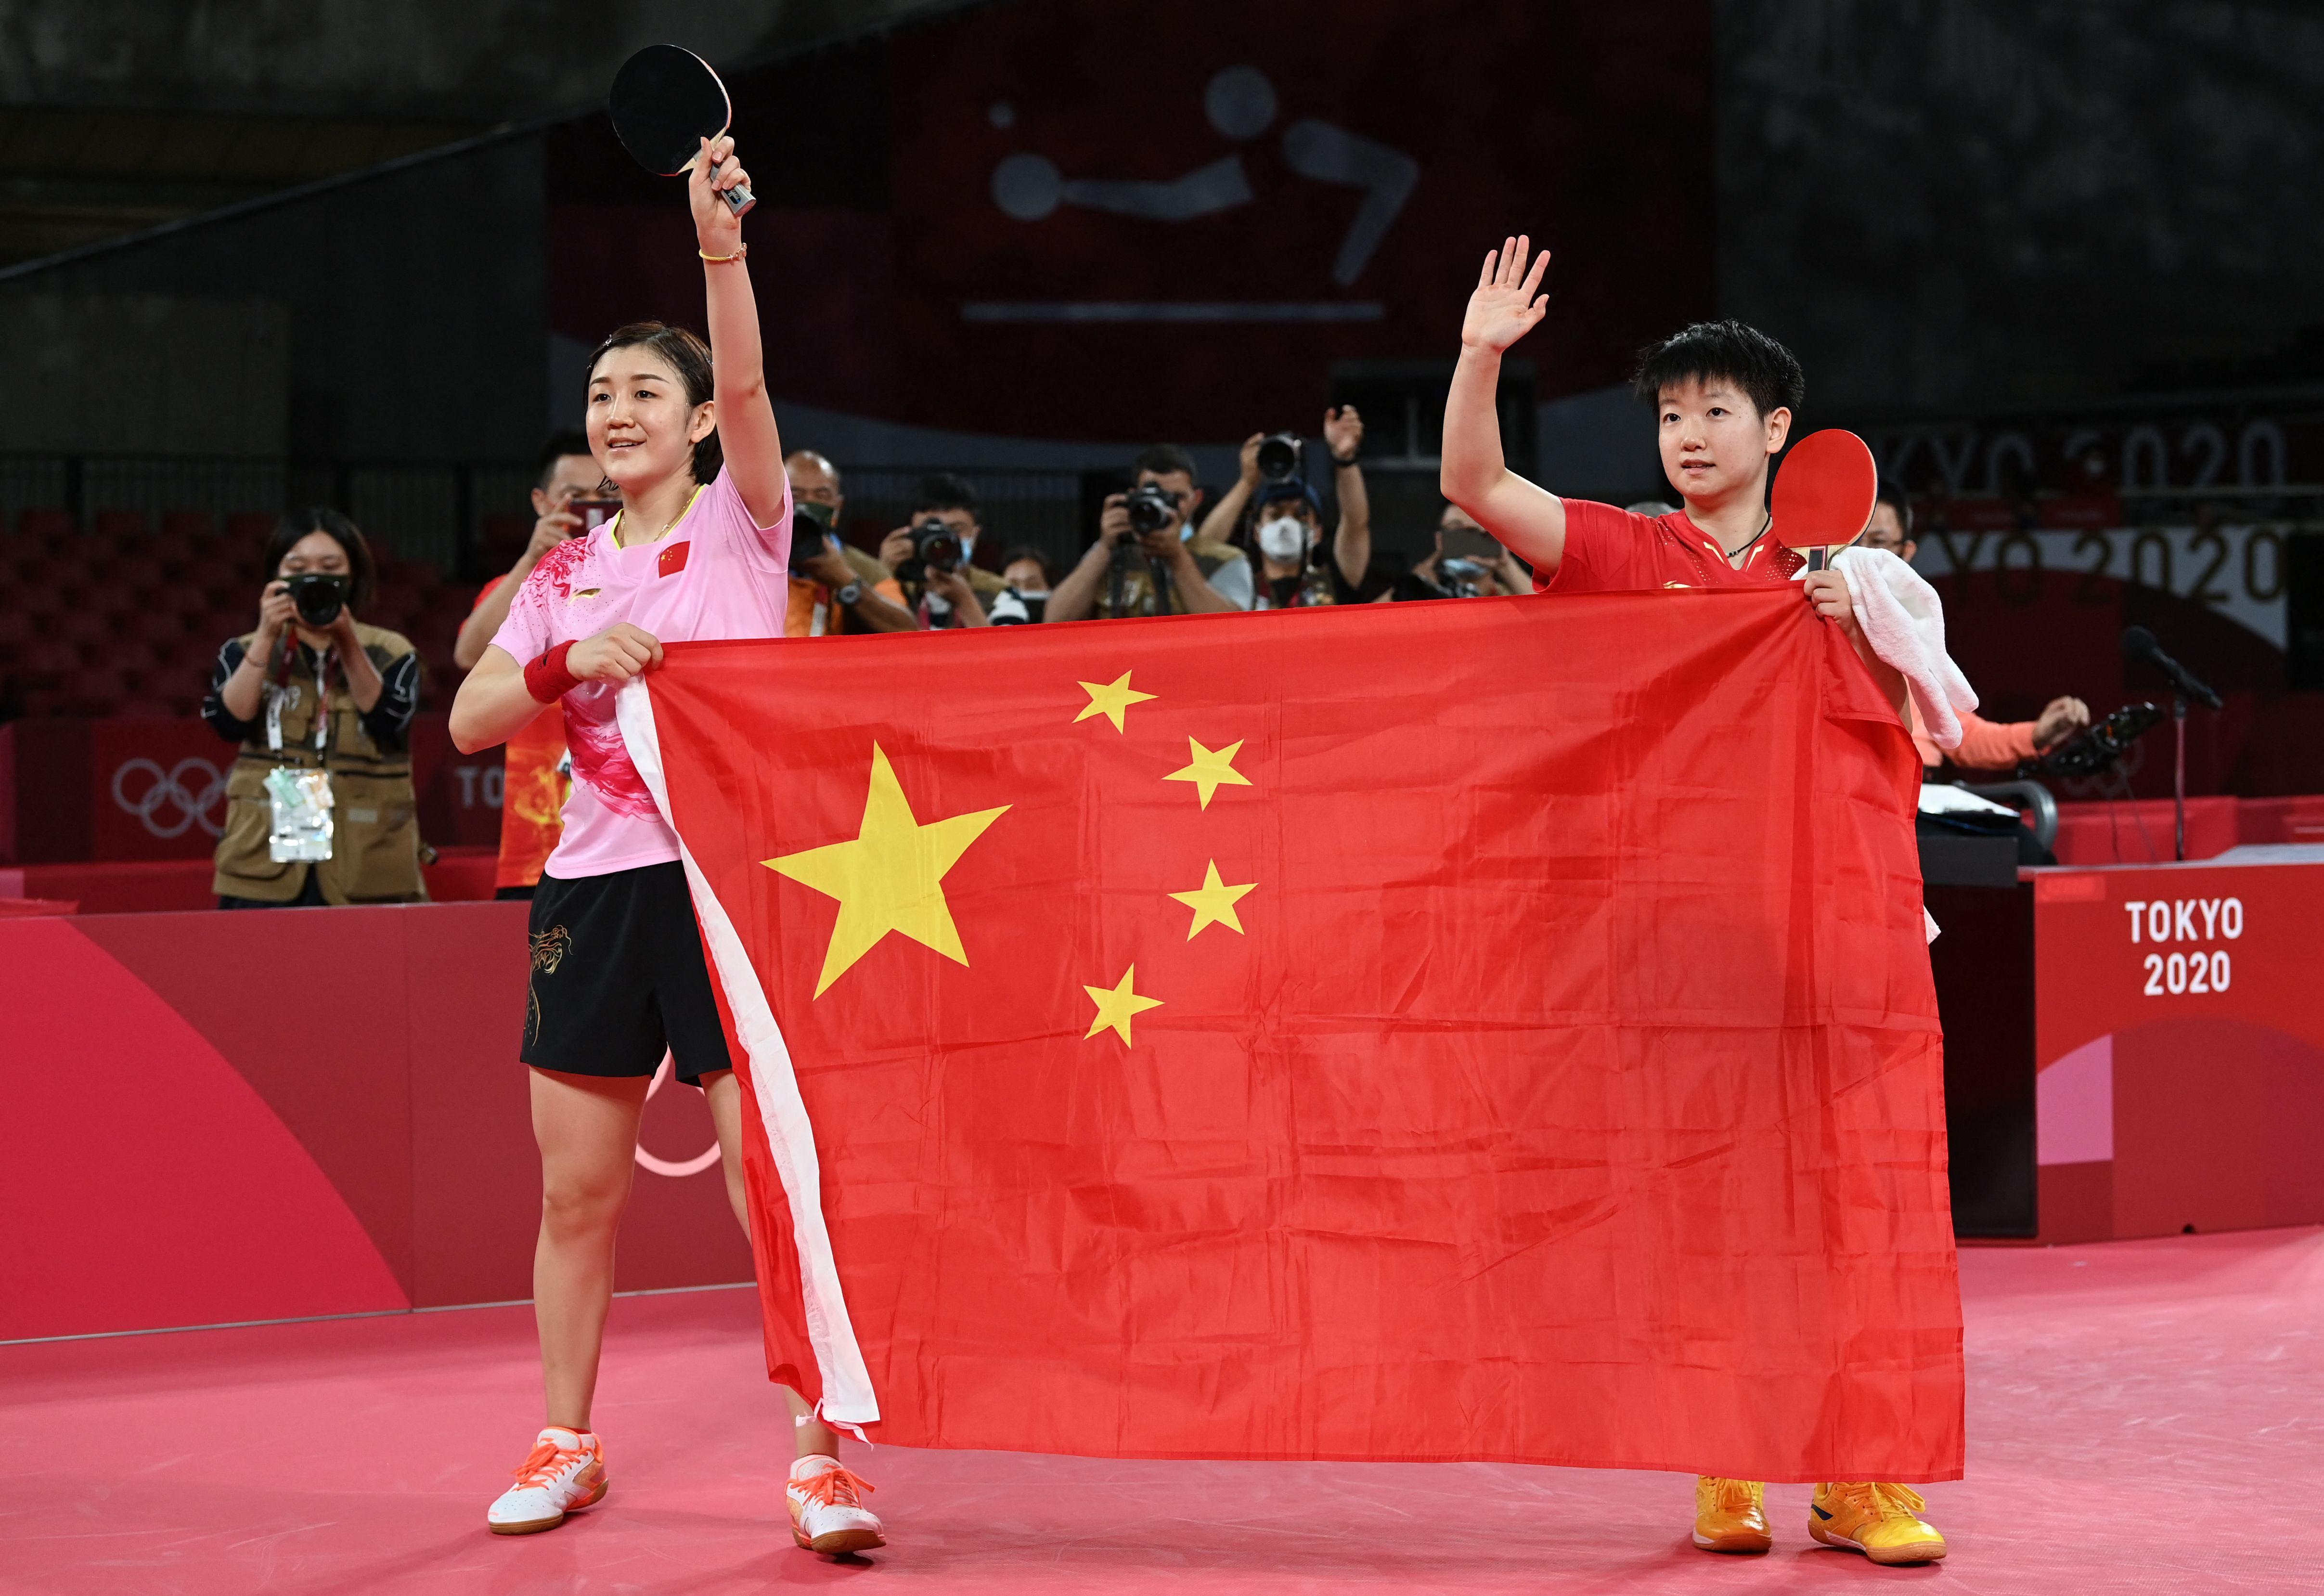 陈梦和孙颖莎展示国旗。